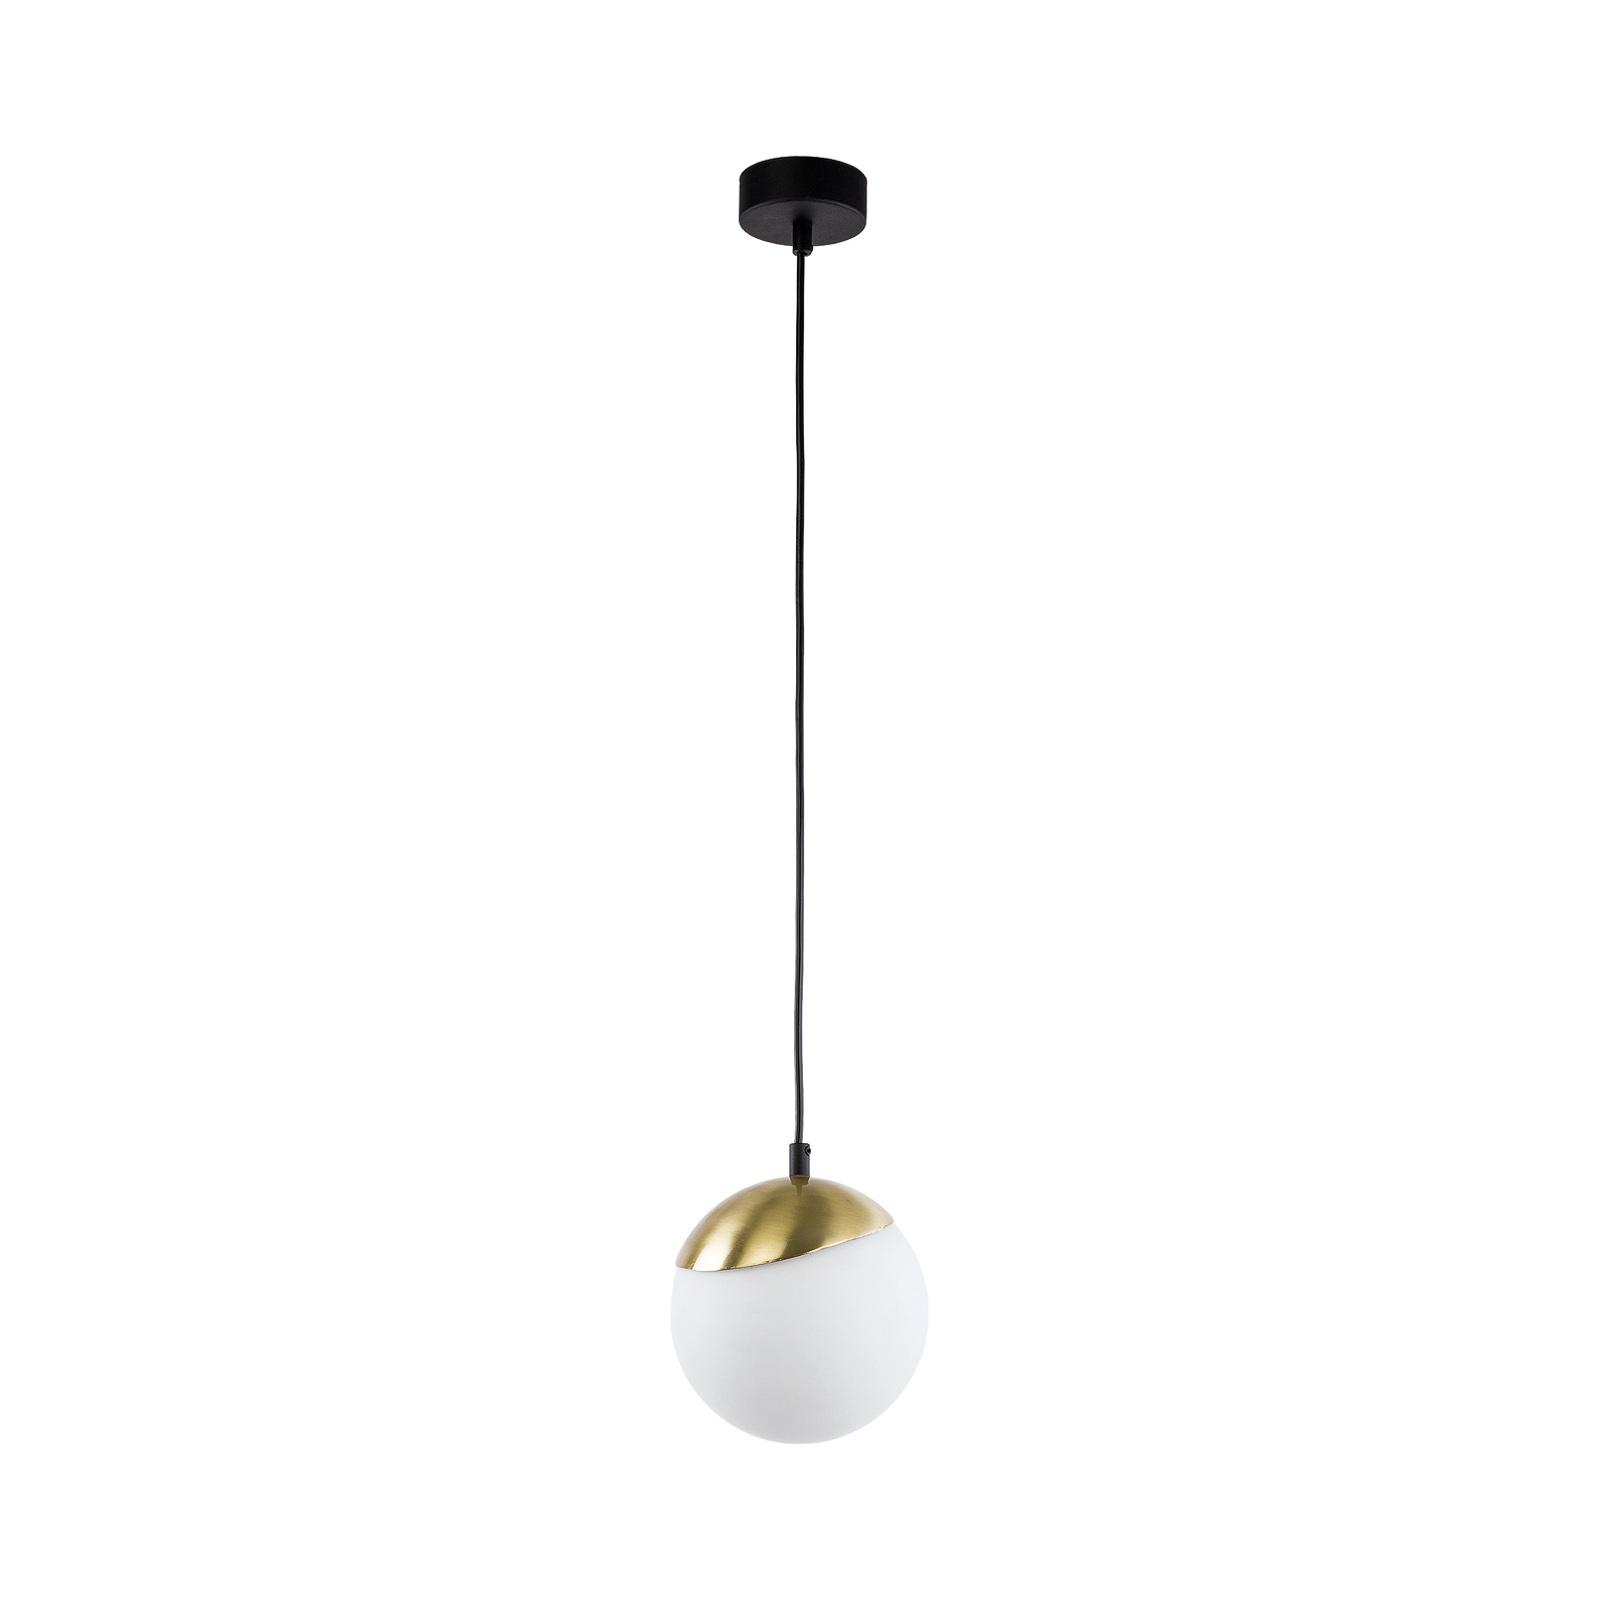 Suspension Torbole, opale/laiton, à 1 lampe